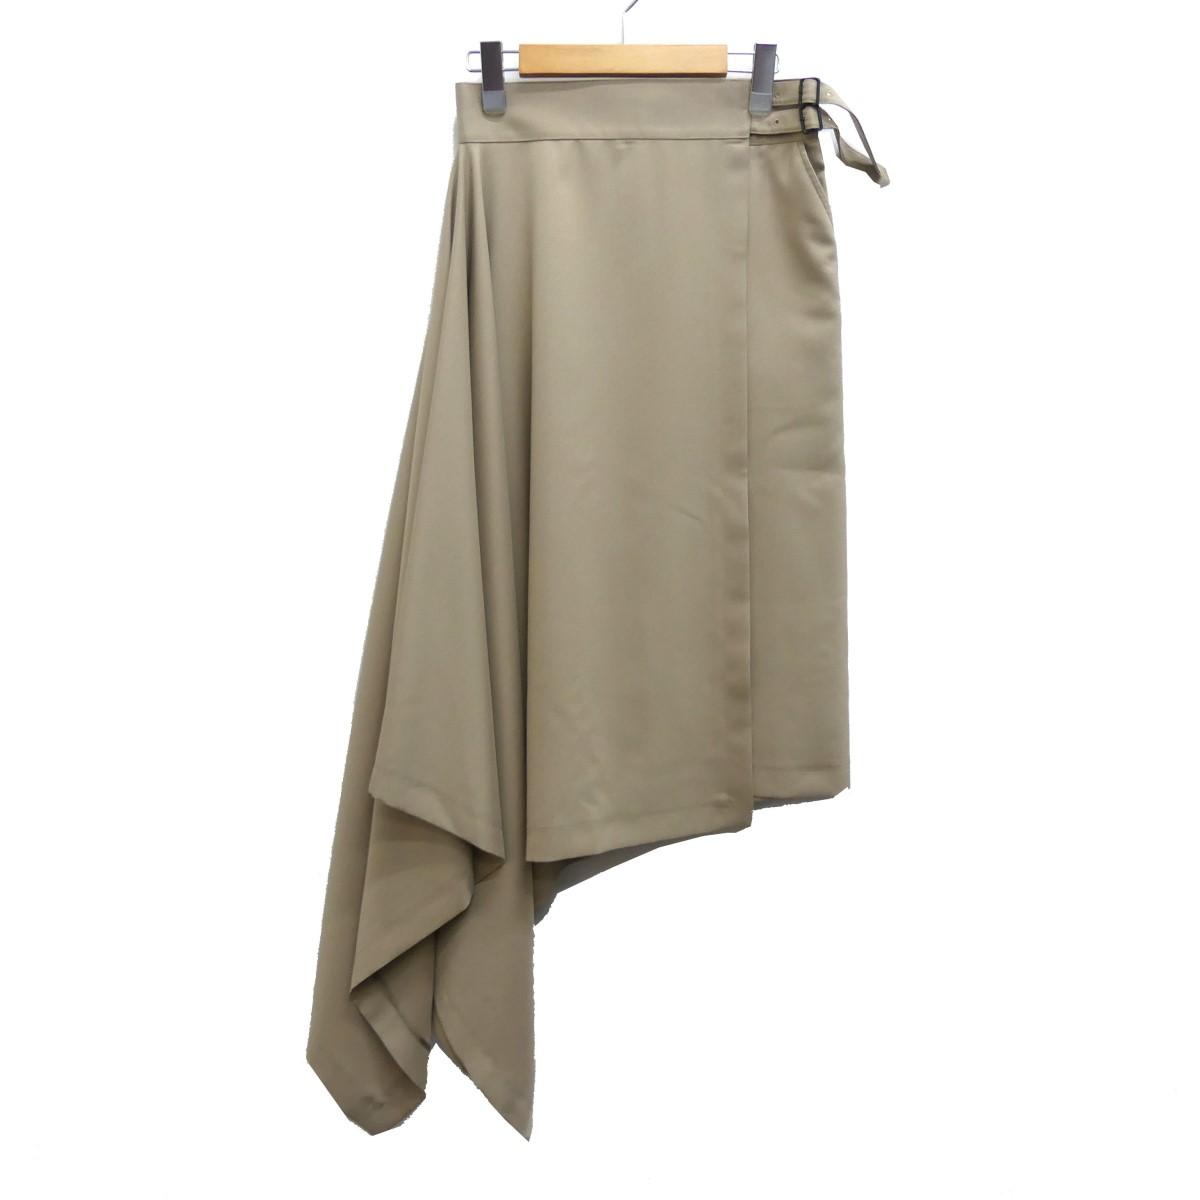 【中古】HYKE 19SS アシンメトリースカート ベージュ サイズ:1 【160420】(ハイク)